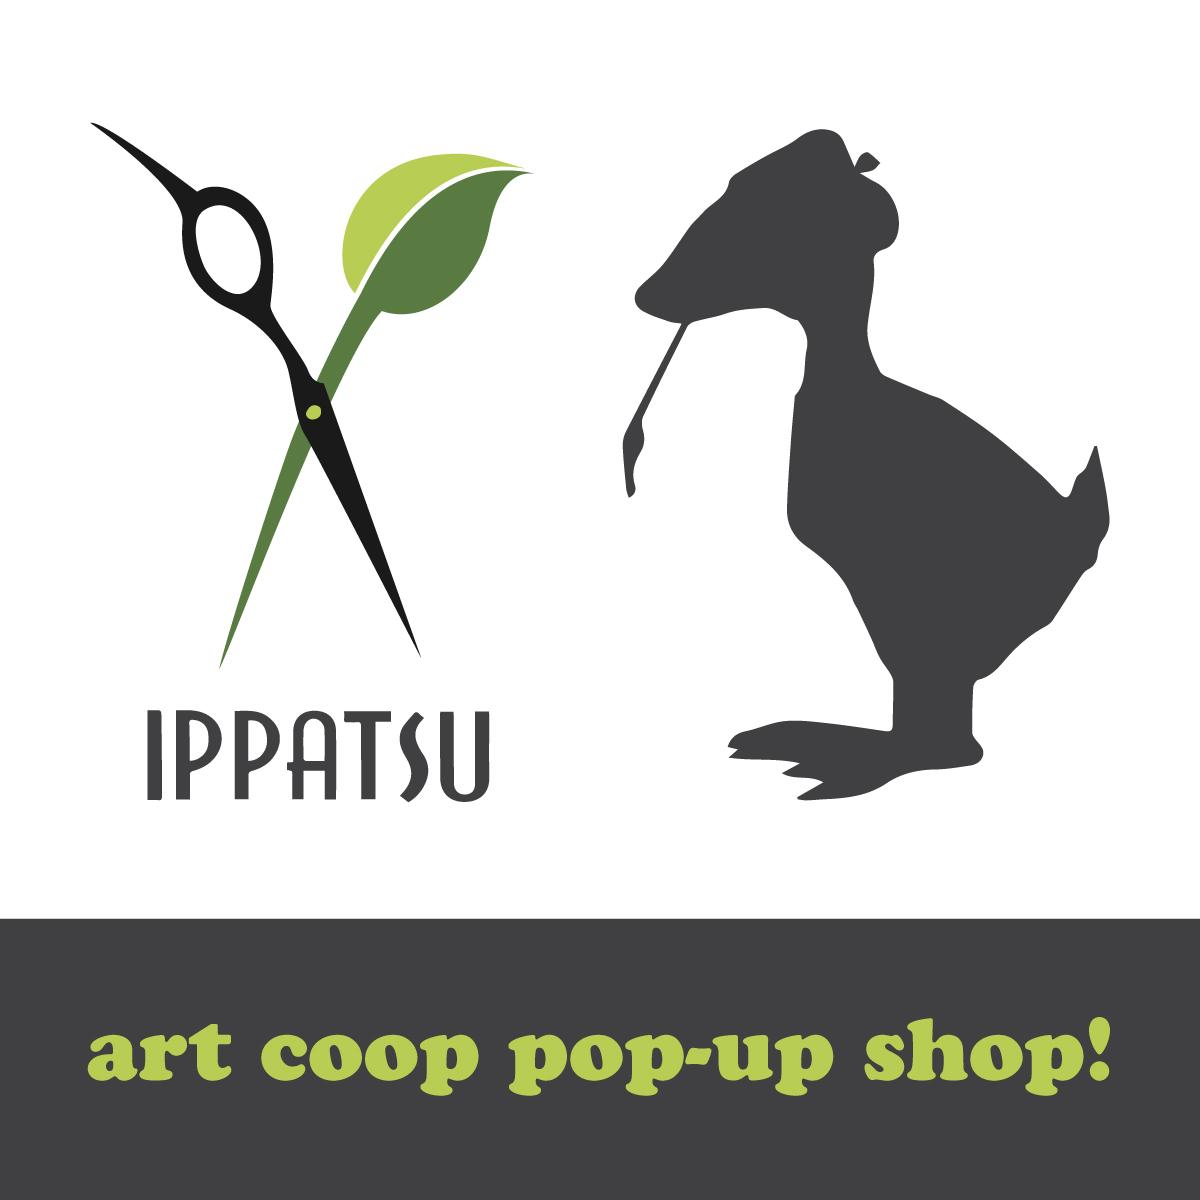 Ippatsu Pop-Up Shop Kit #3